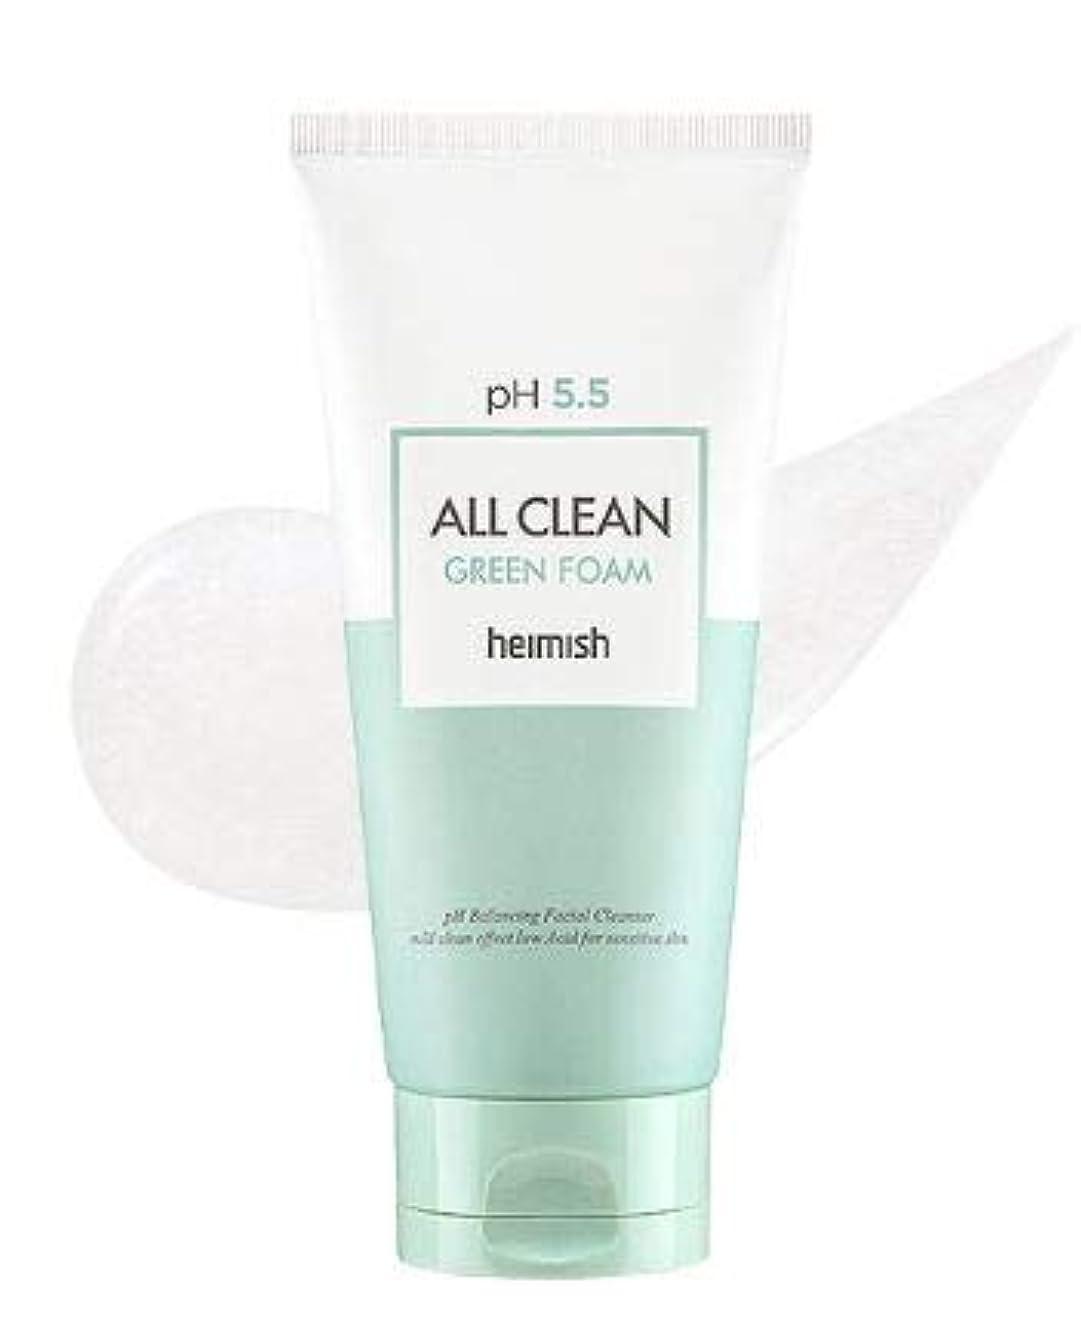 スーツ練習チケット[heimish] All Clean Green Foam 150g / [ヘイミッシュ] オールクリーン グリーン フォーム 150g [並行輸入品]